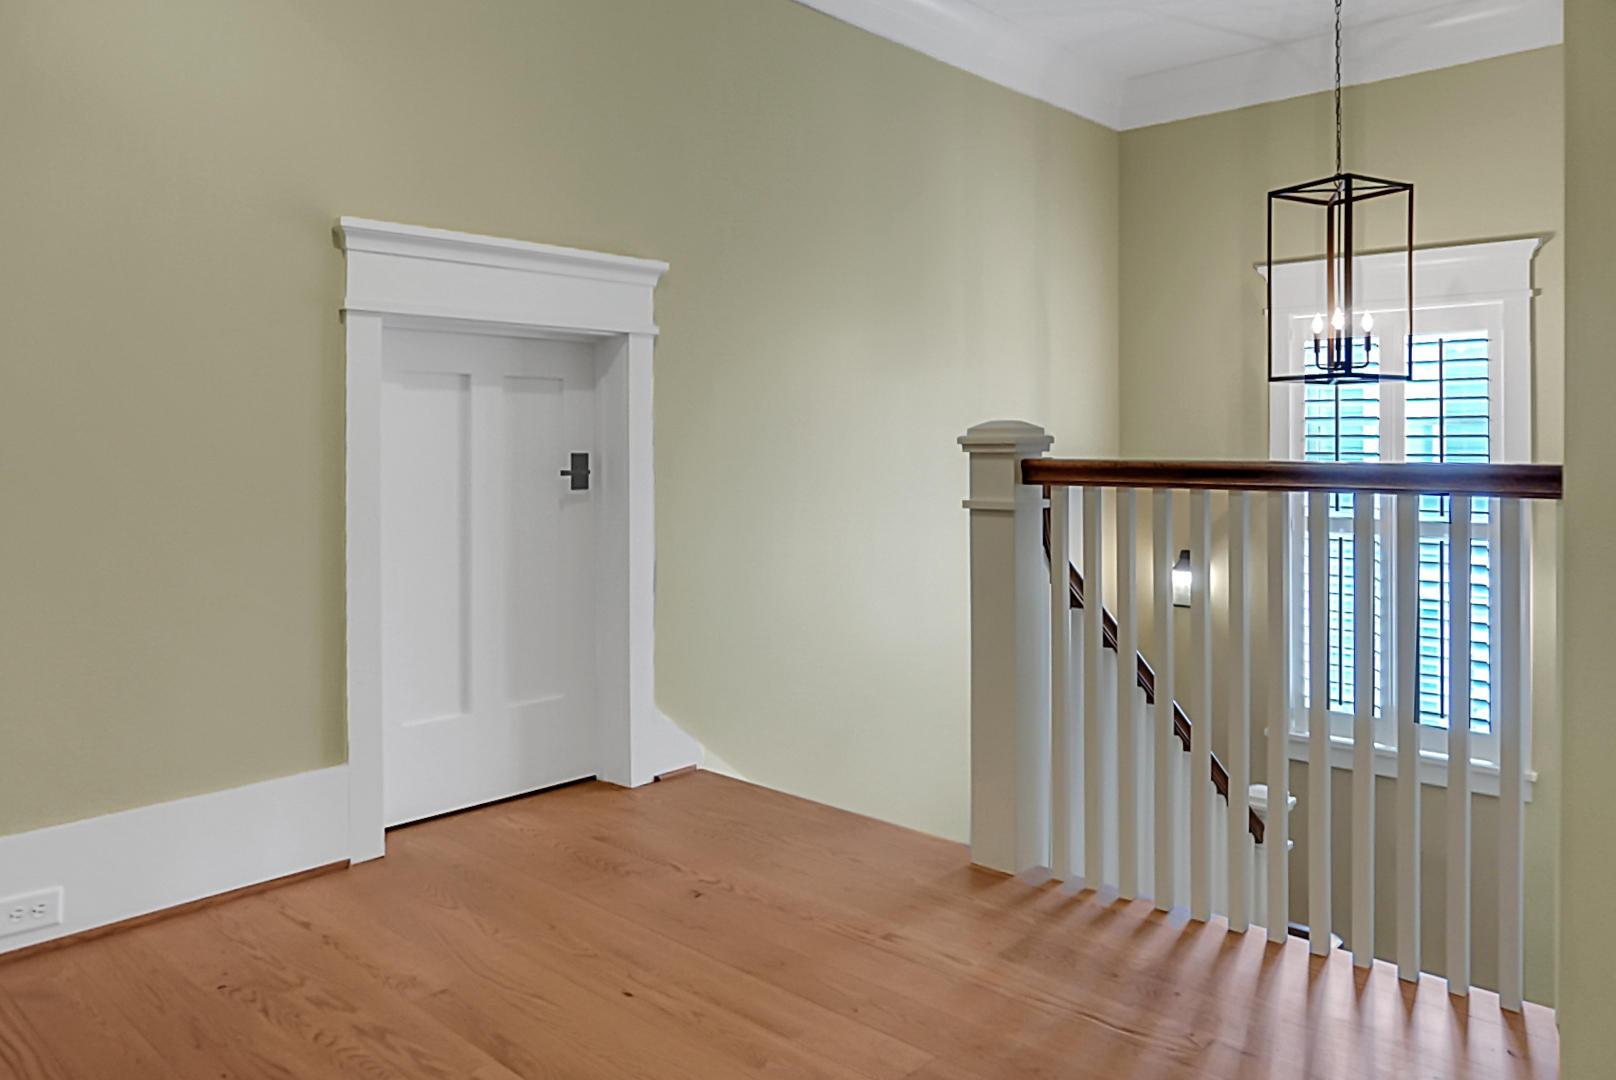 Dunes West Homes For Sale - 2978 River Vista, Mount Pleasant, SC - 29